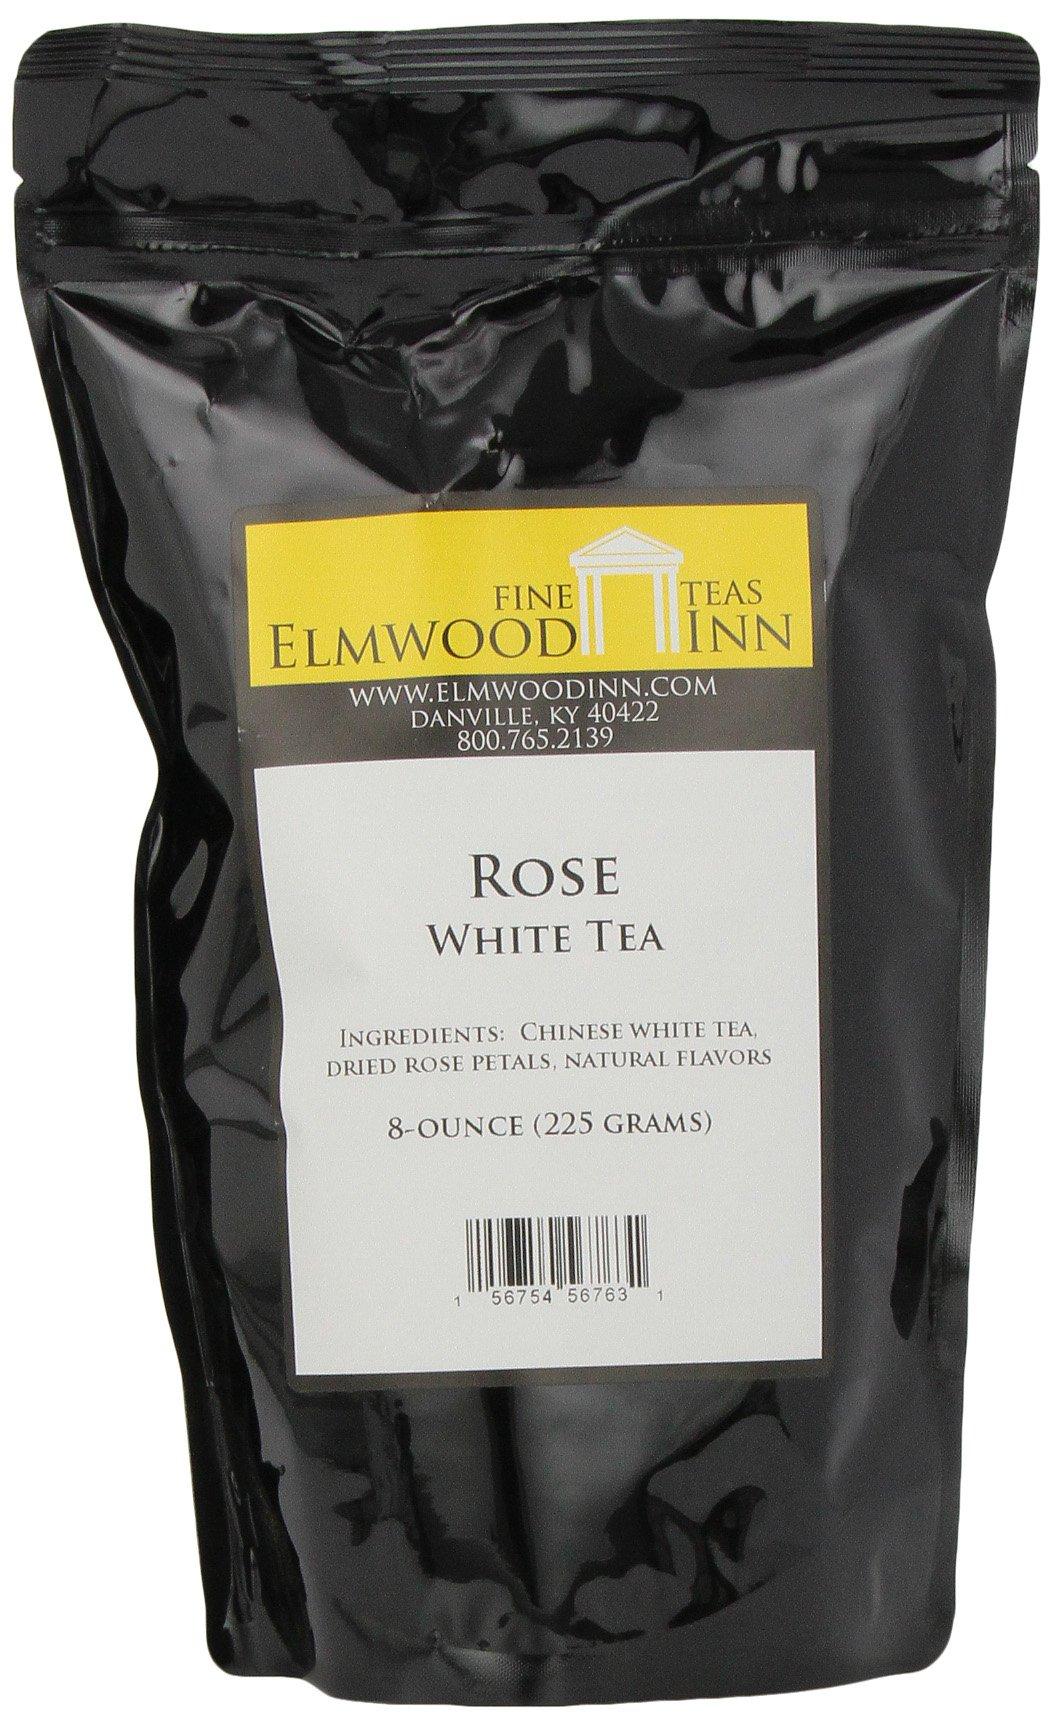 Elmwood Inn Fine Teas, Rose White Tea, 8-Ounce Pouch